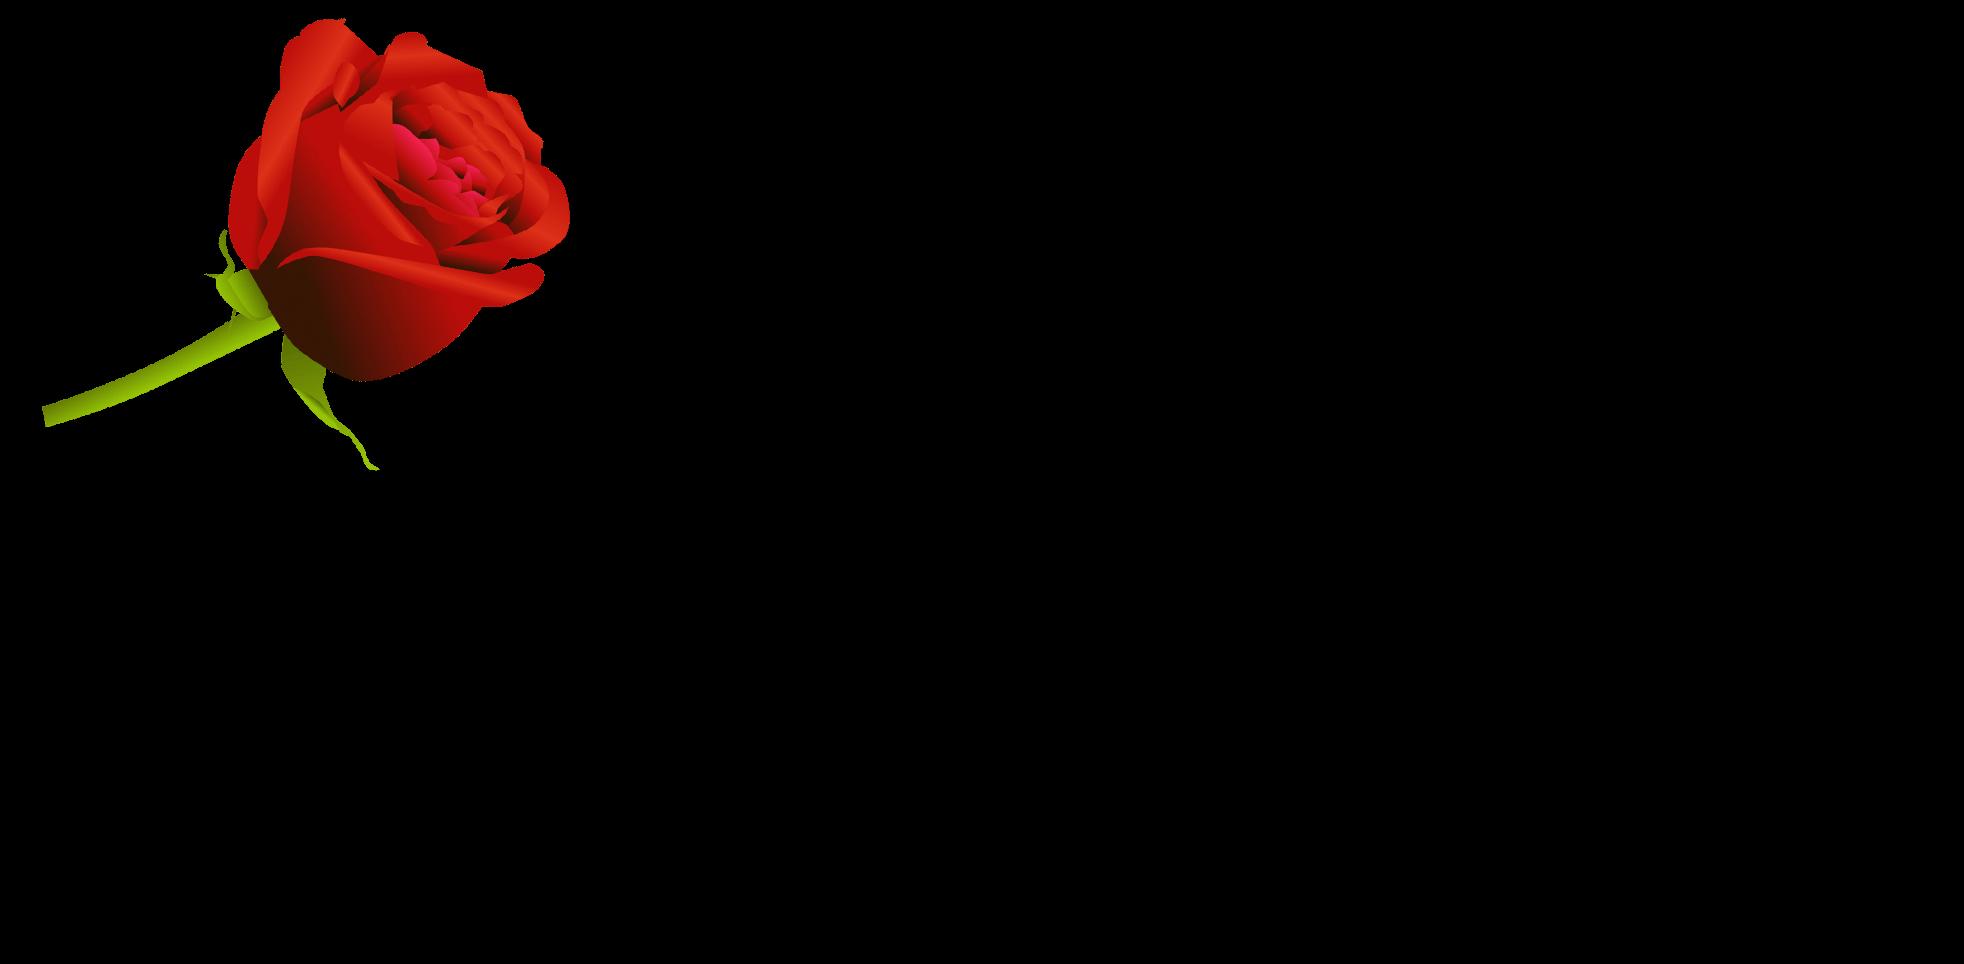 rosesdelivery.ru